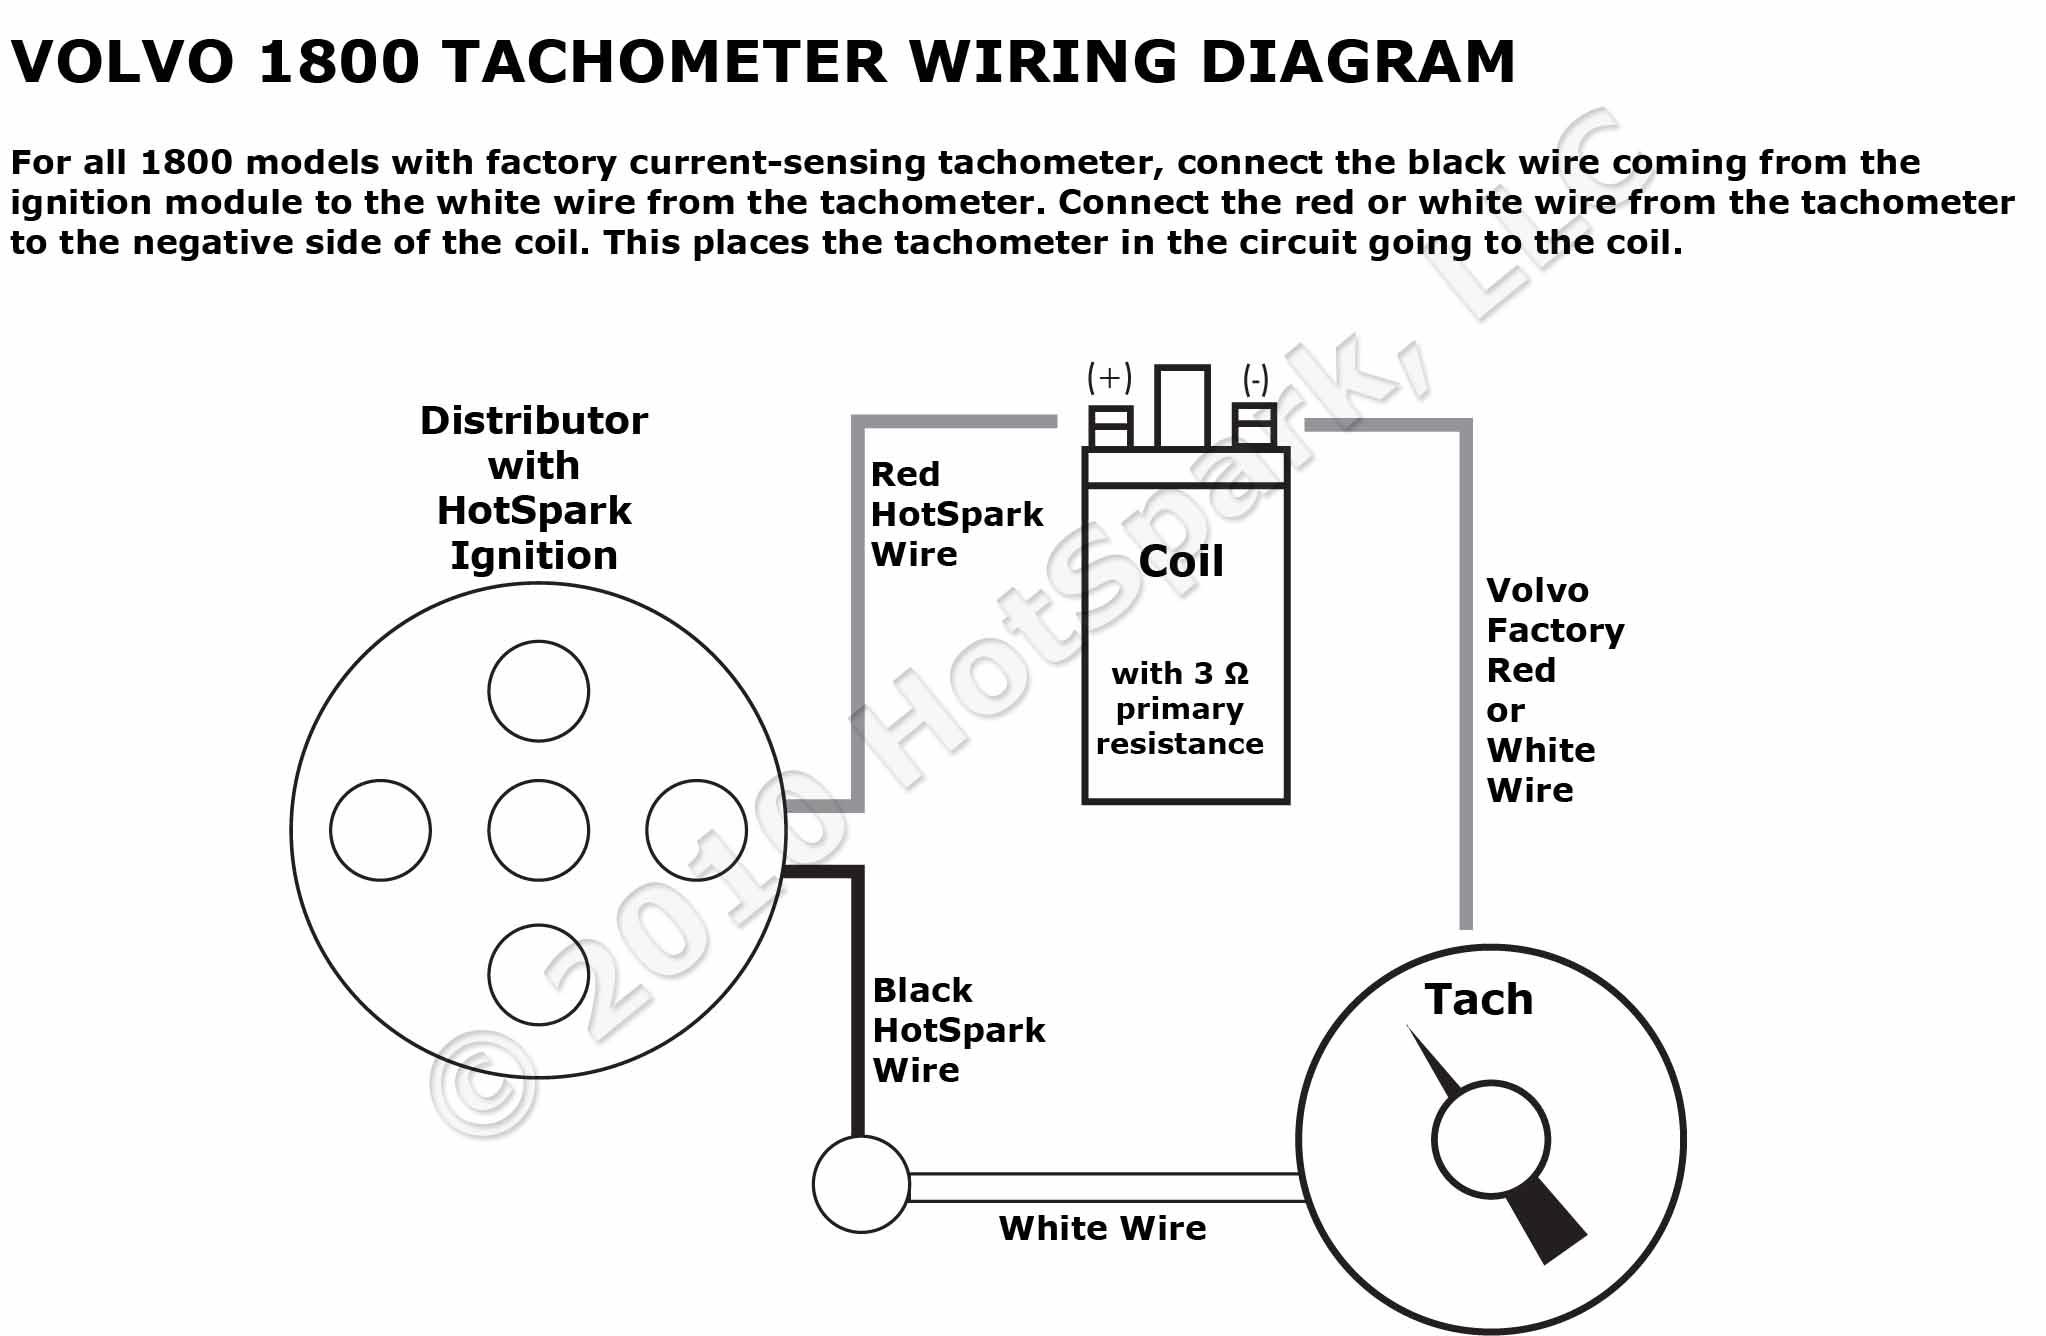 4 Wire Tach Diagram Auto Electrical Wiring Porsche